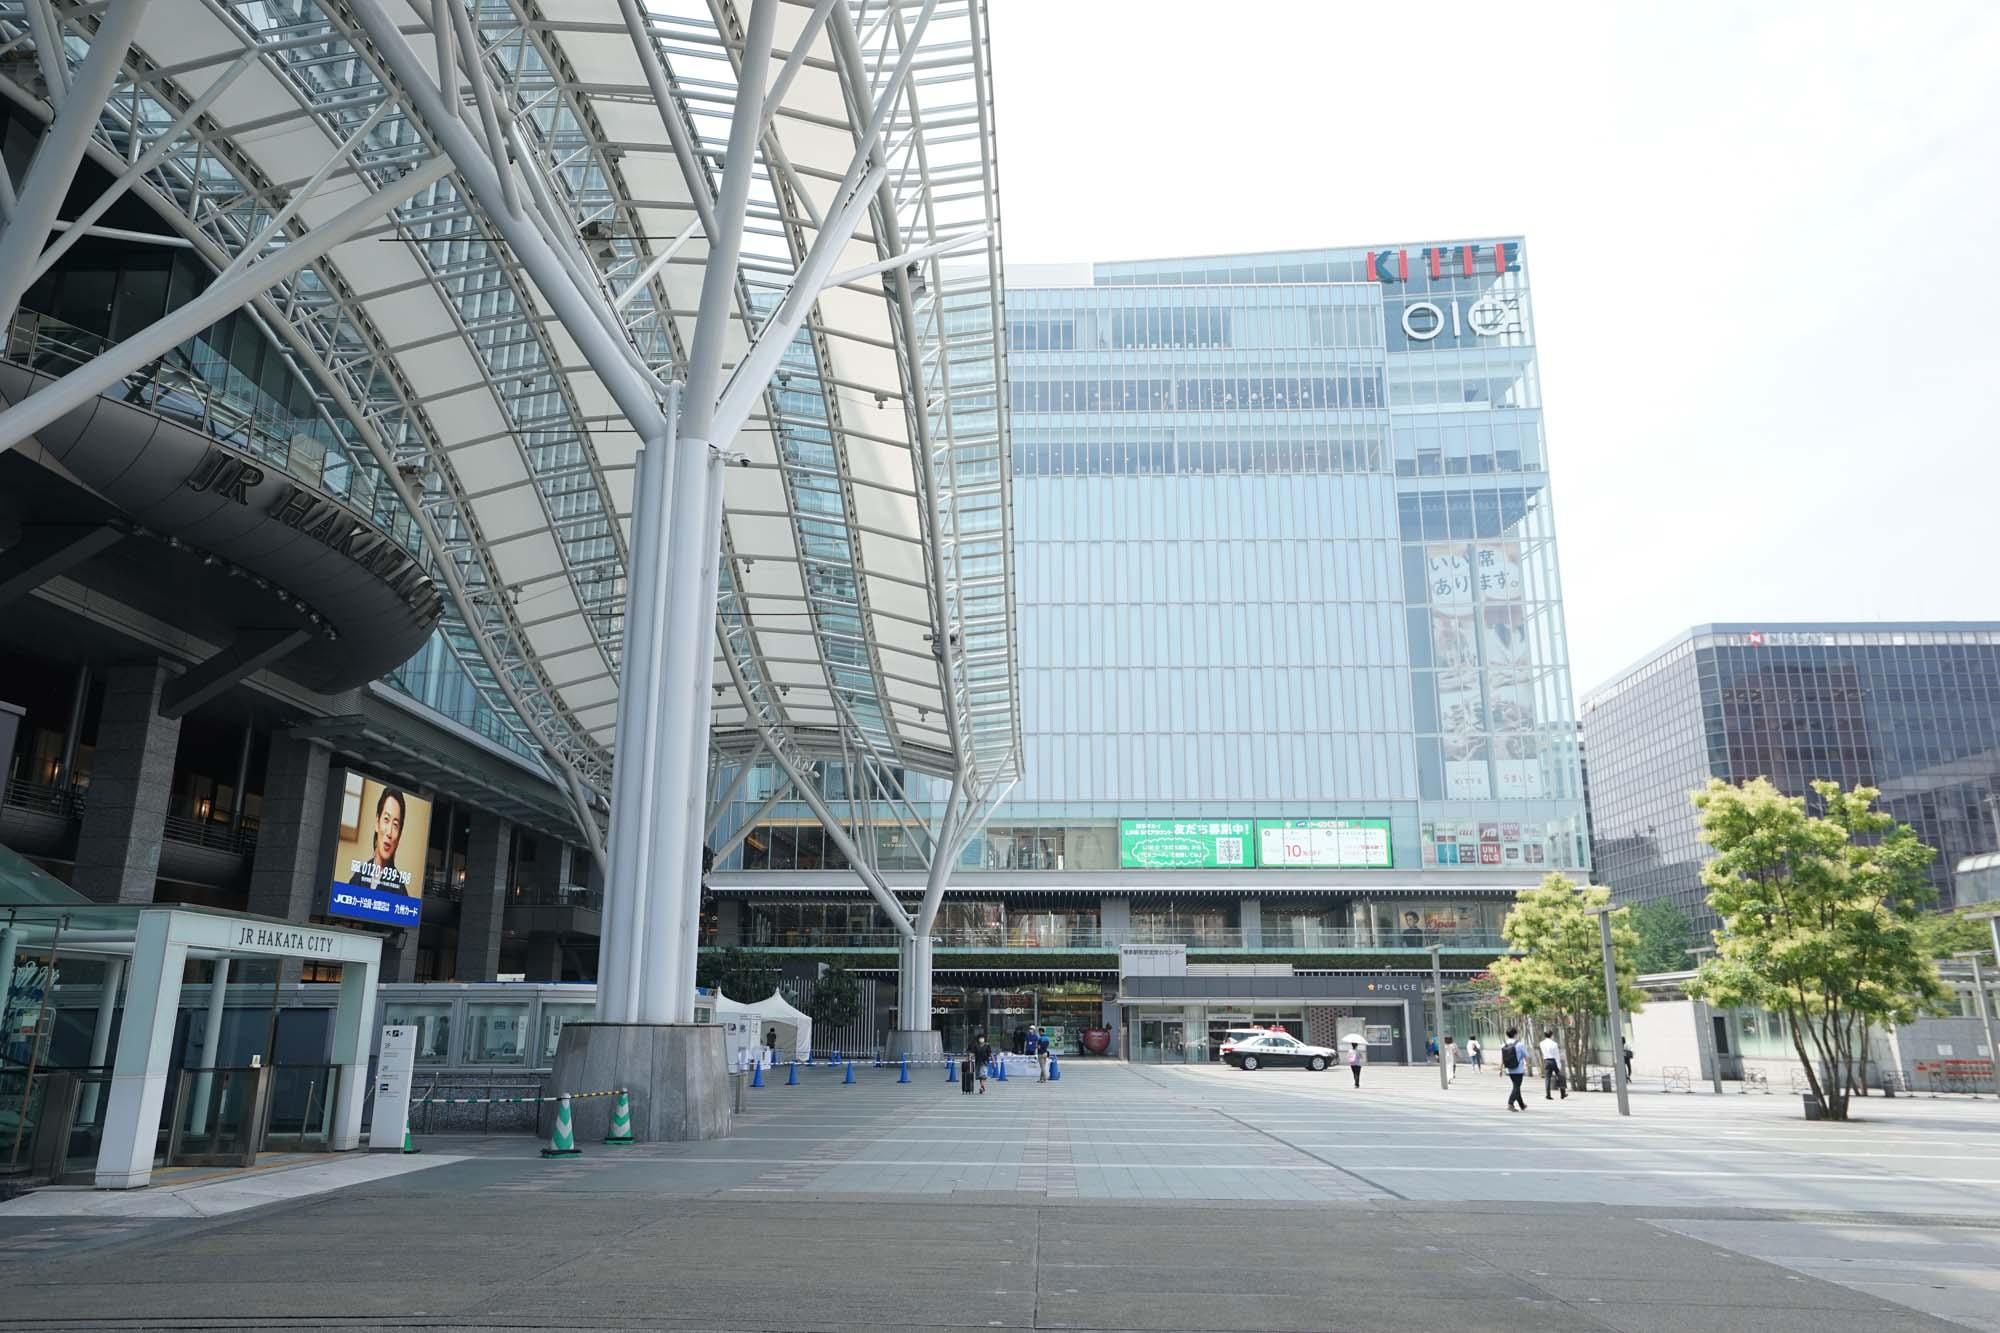 こちら、JR博多駅の博多口。KITTE、博多マルイ、阪急百貨店が集結し、飲食店も多数。映画館までが駅ビル内にあるため、もはやどこにも行かなくても博多駅だけで完結してしまうほど。